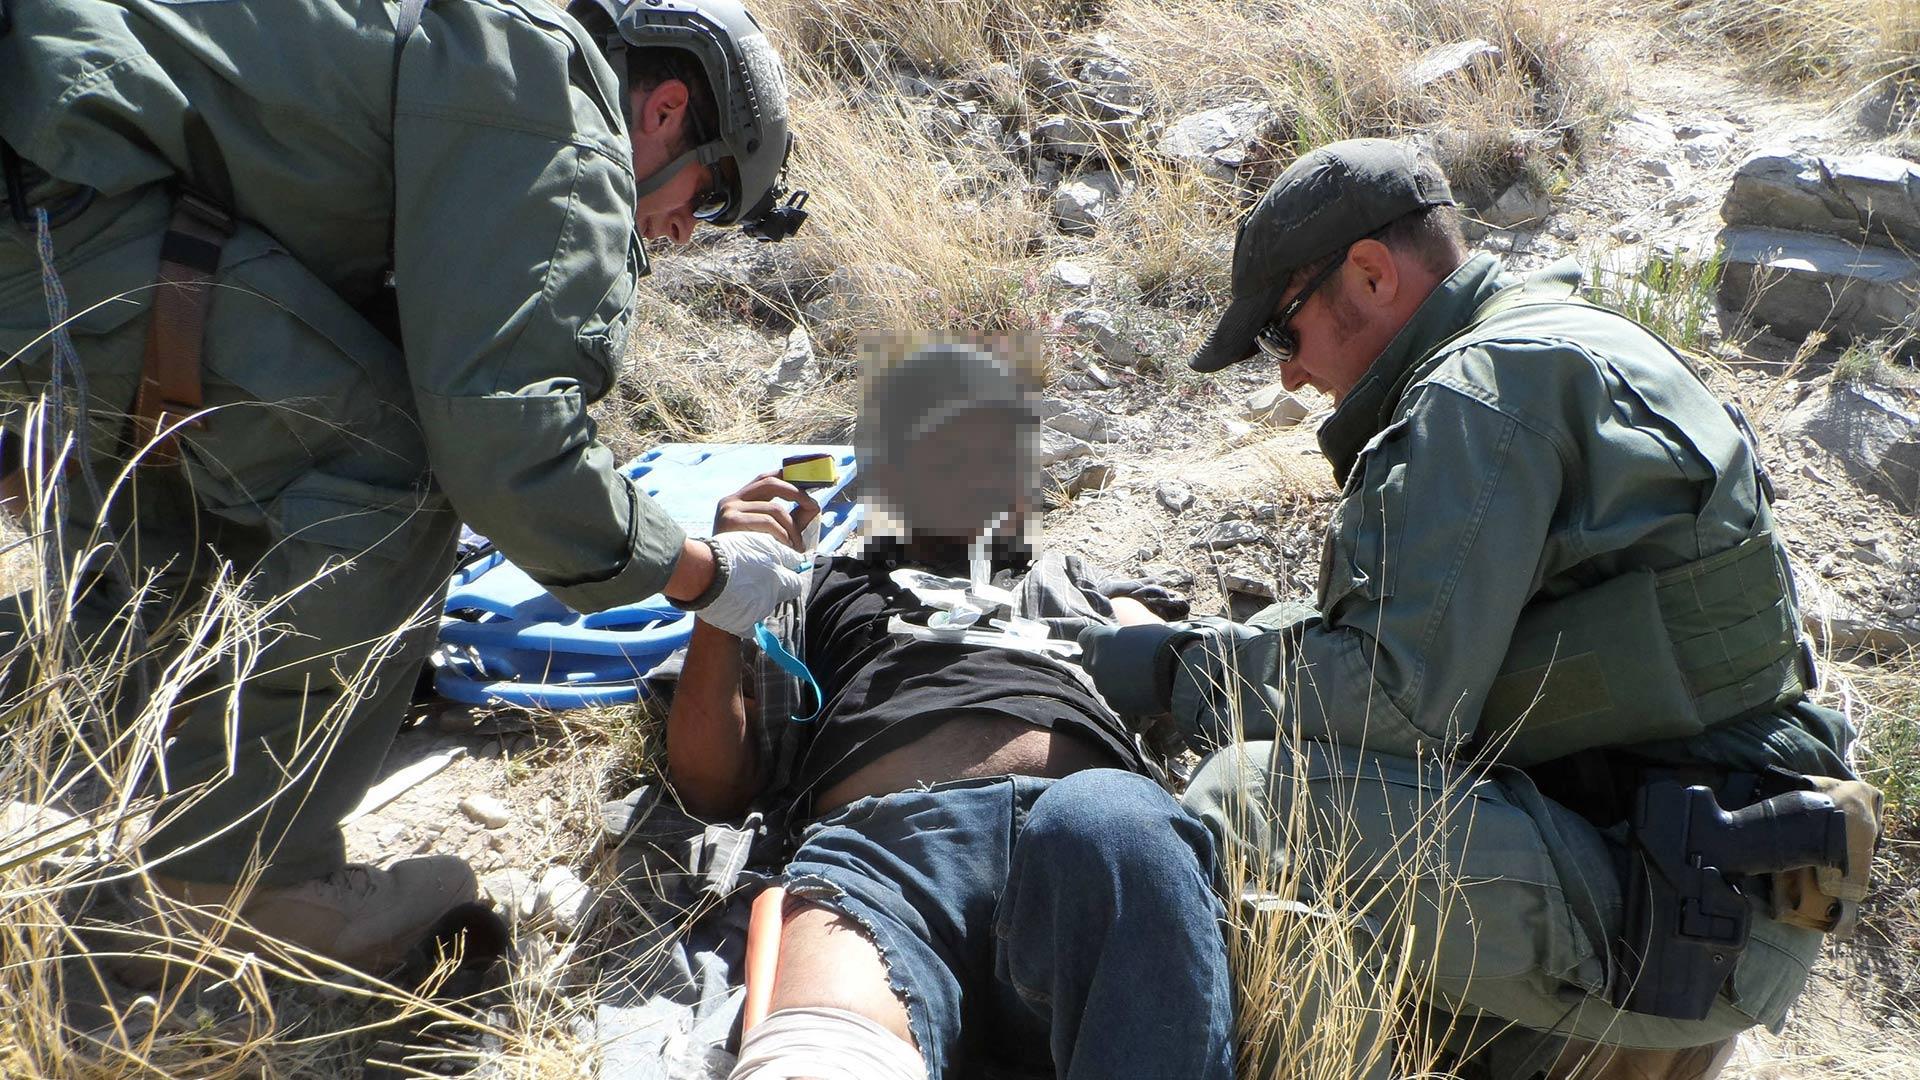 CBP Rescue